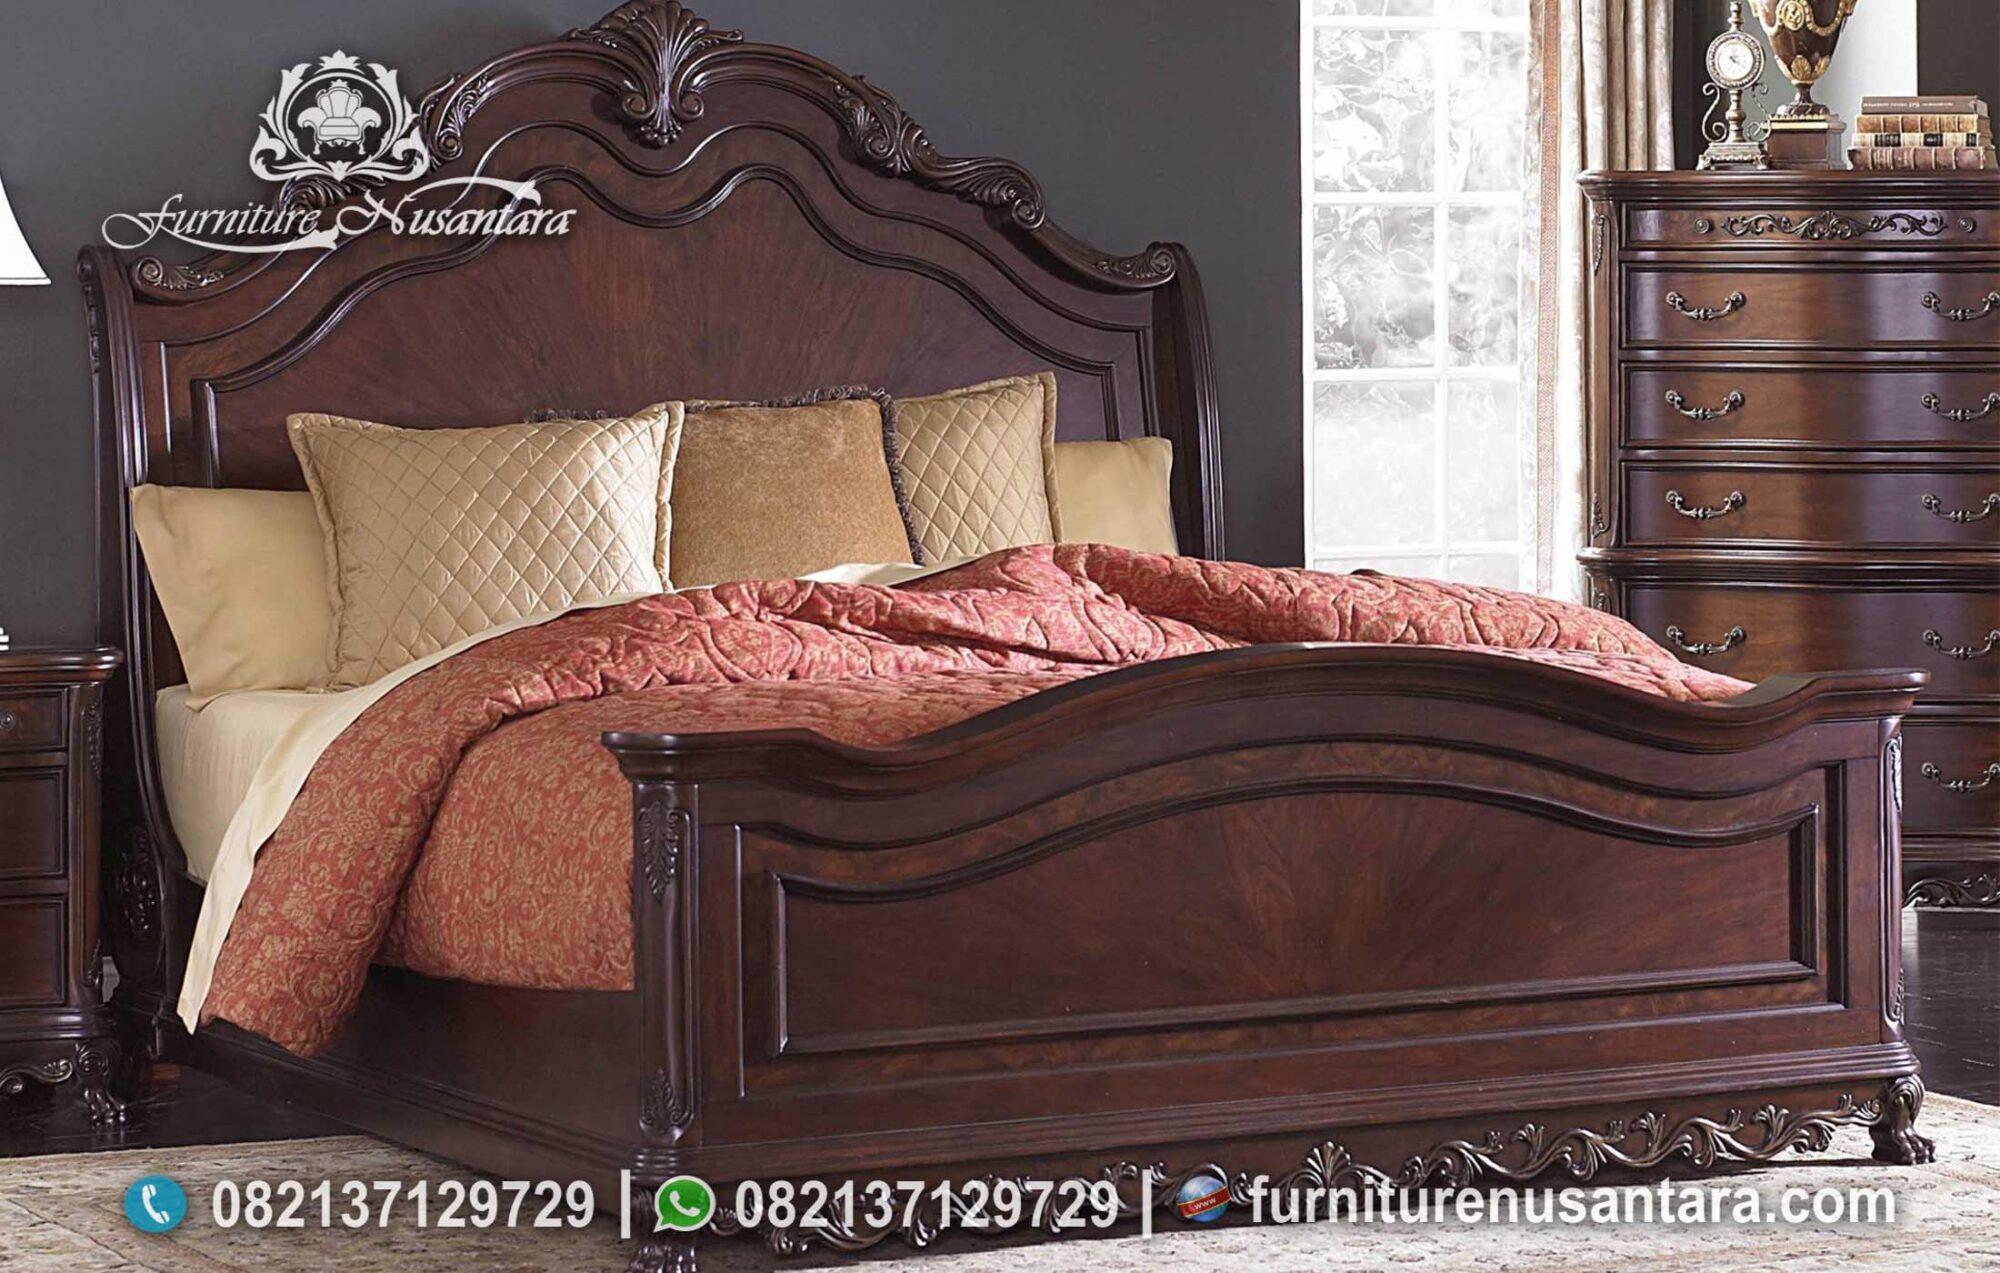 Jual Tempat Tidur Klasik Minimalis Kayu Jati KS-242, Furniture Nusantara